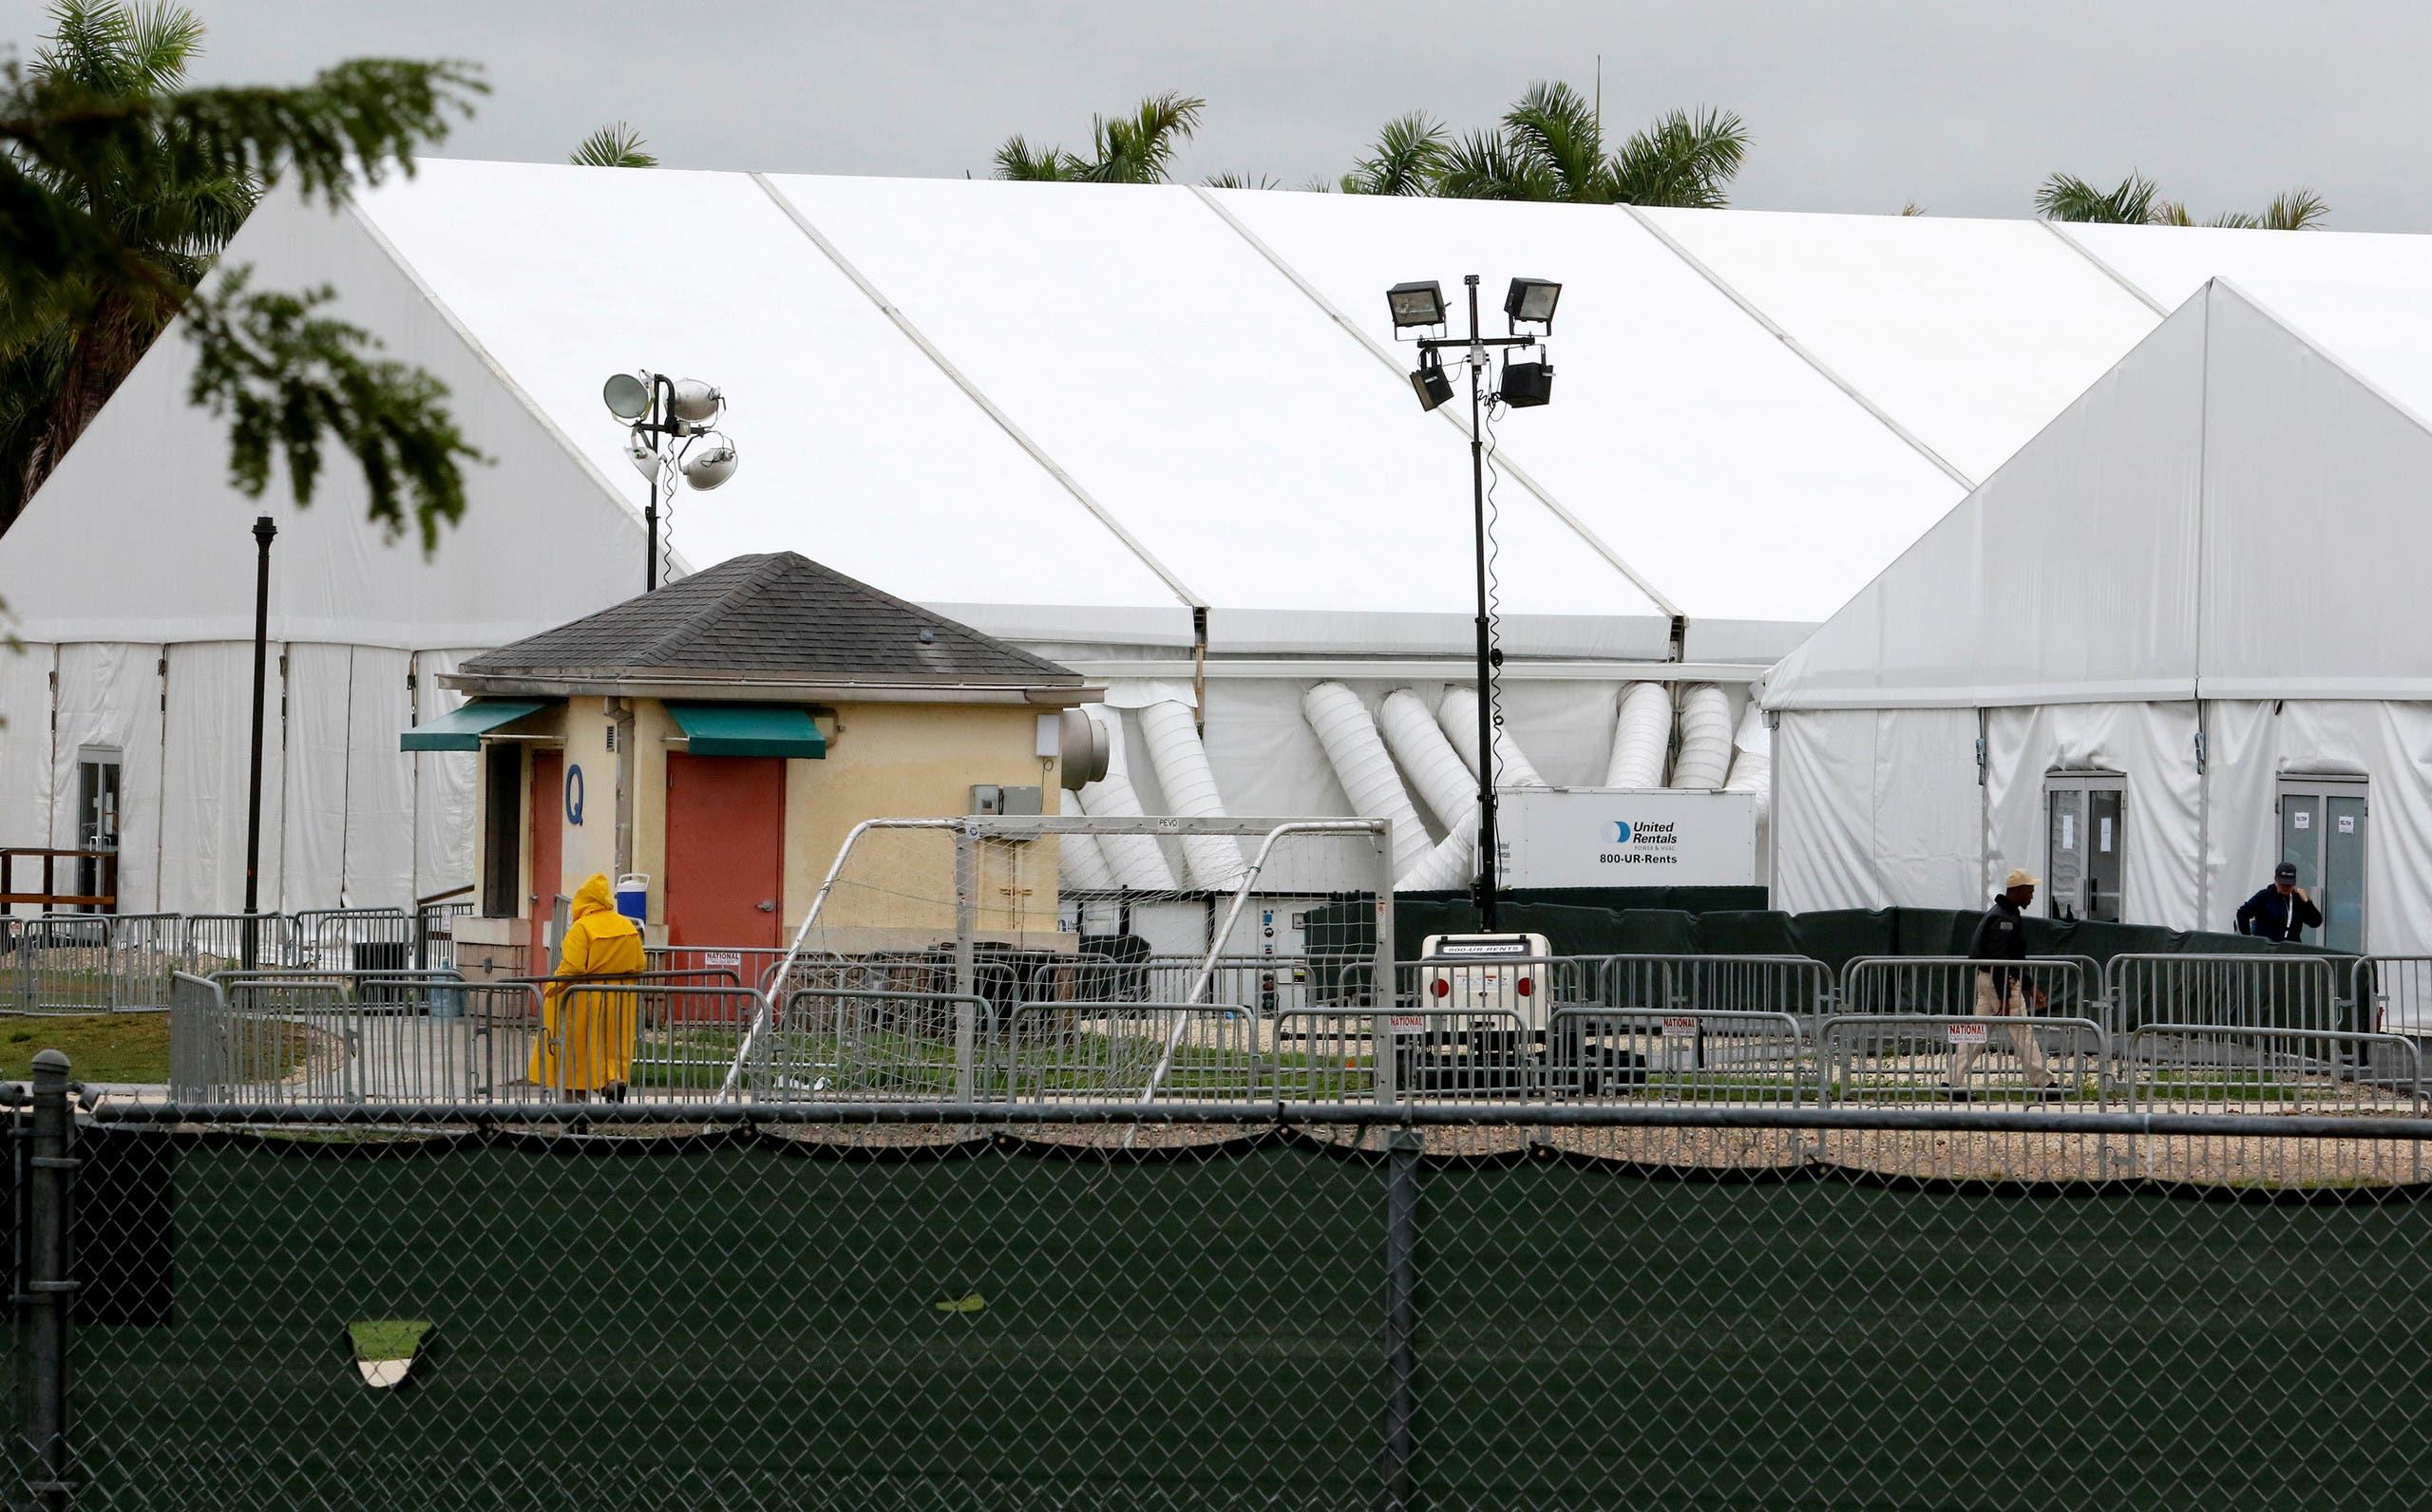 مركز احتجاز للمهاجرين في الولايات المتحدة(رويترز)